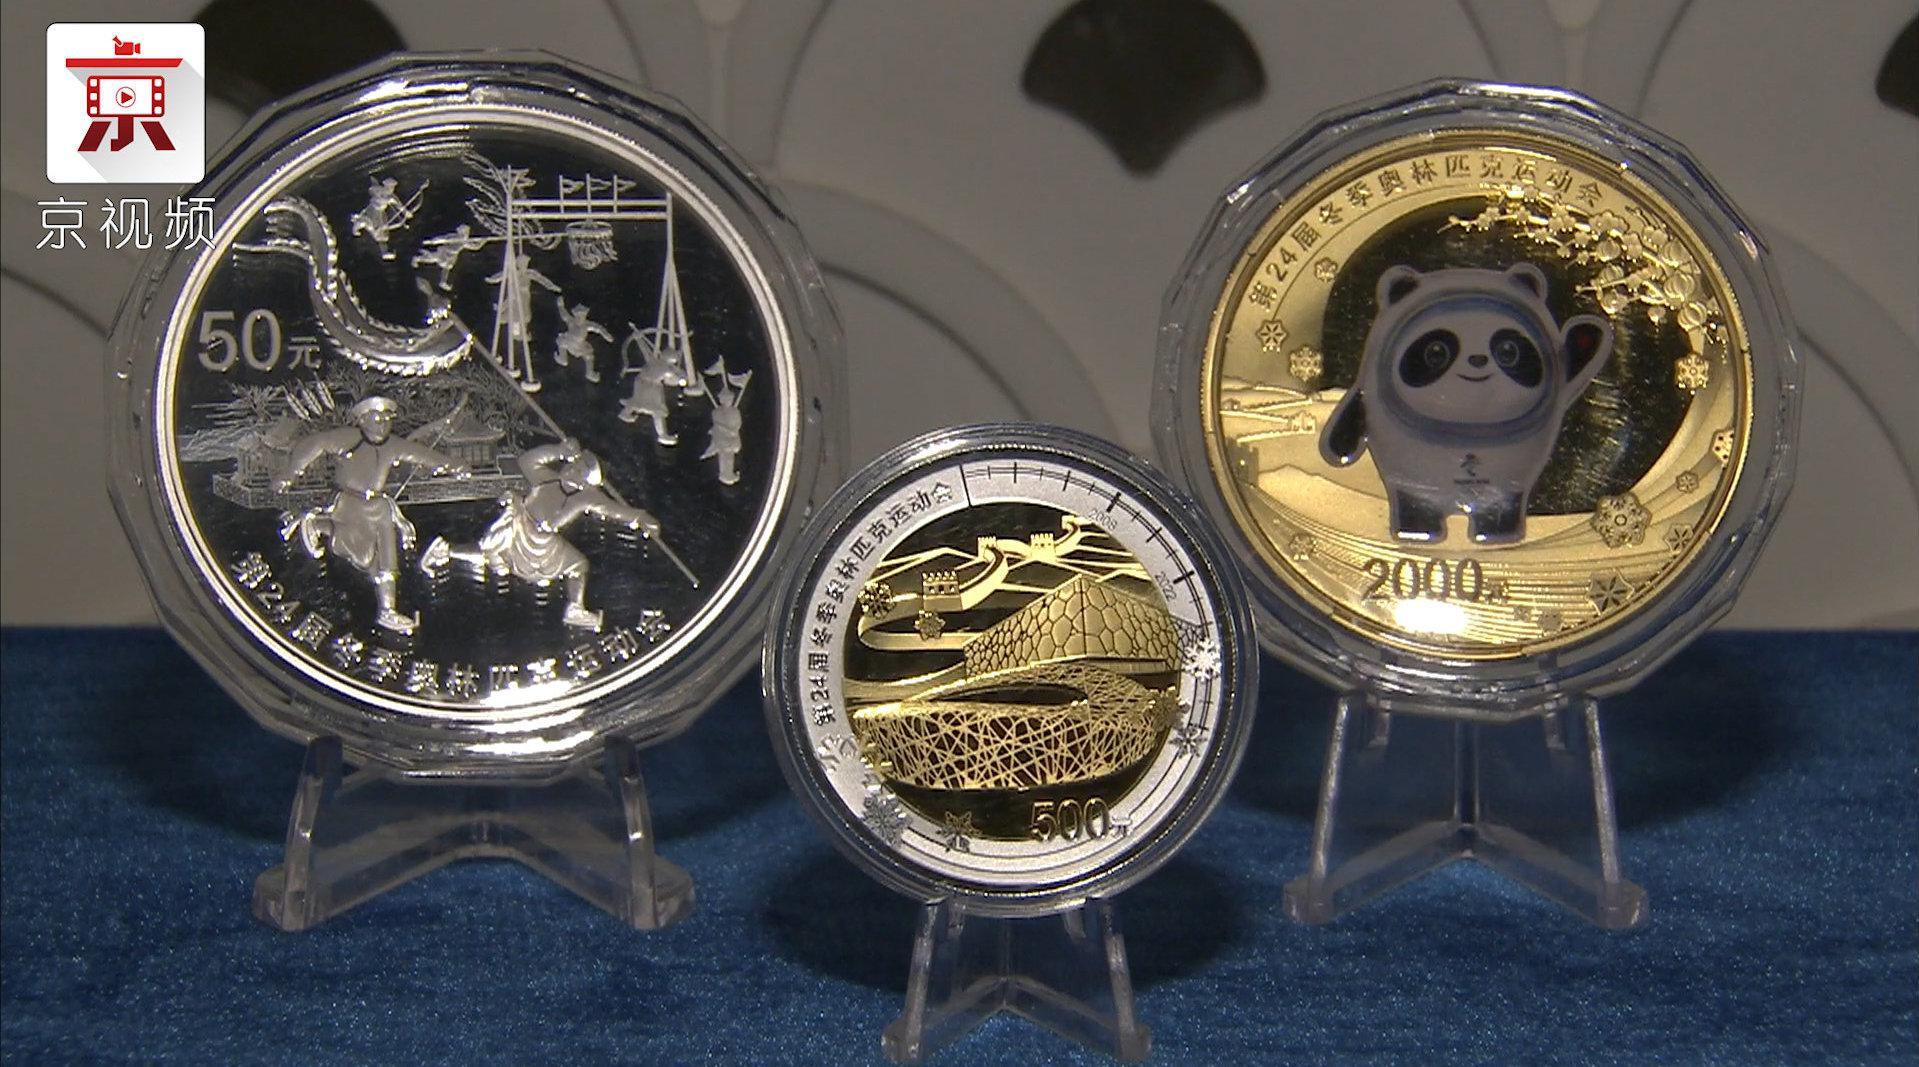 量不多,速来抢!北京冬奥会金银纪念币发行